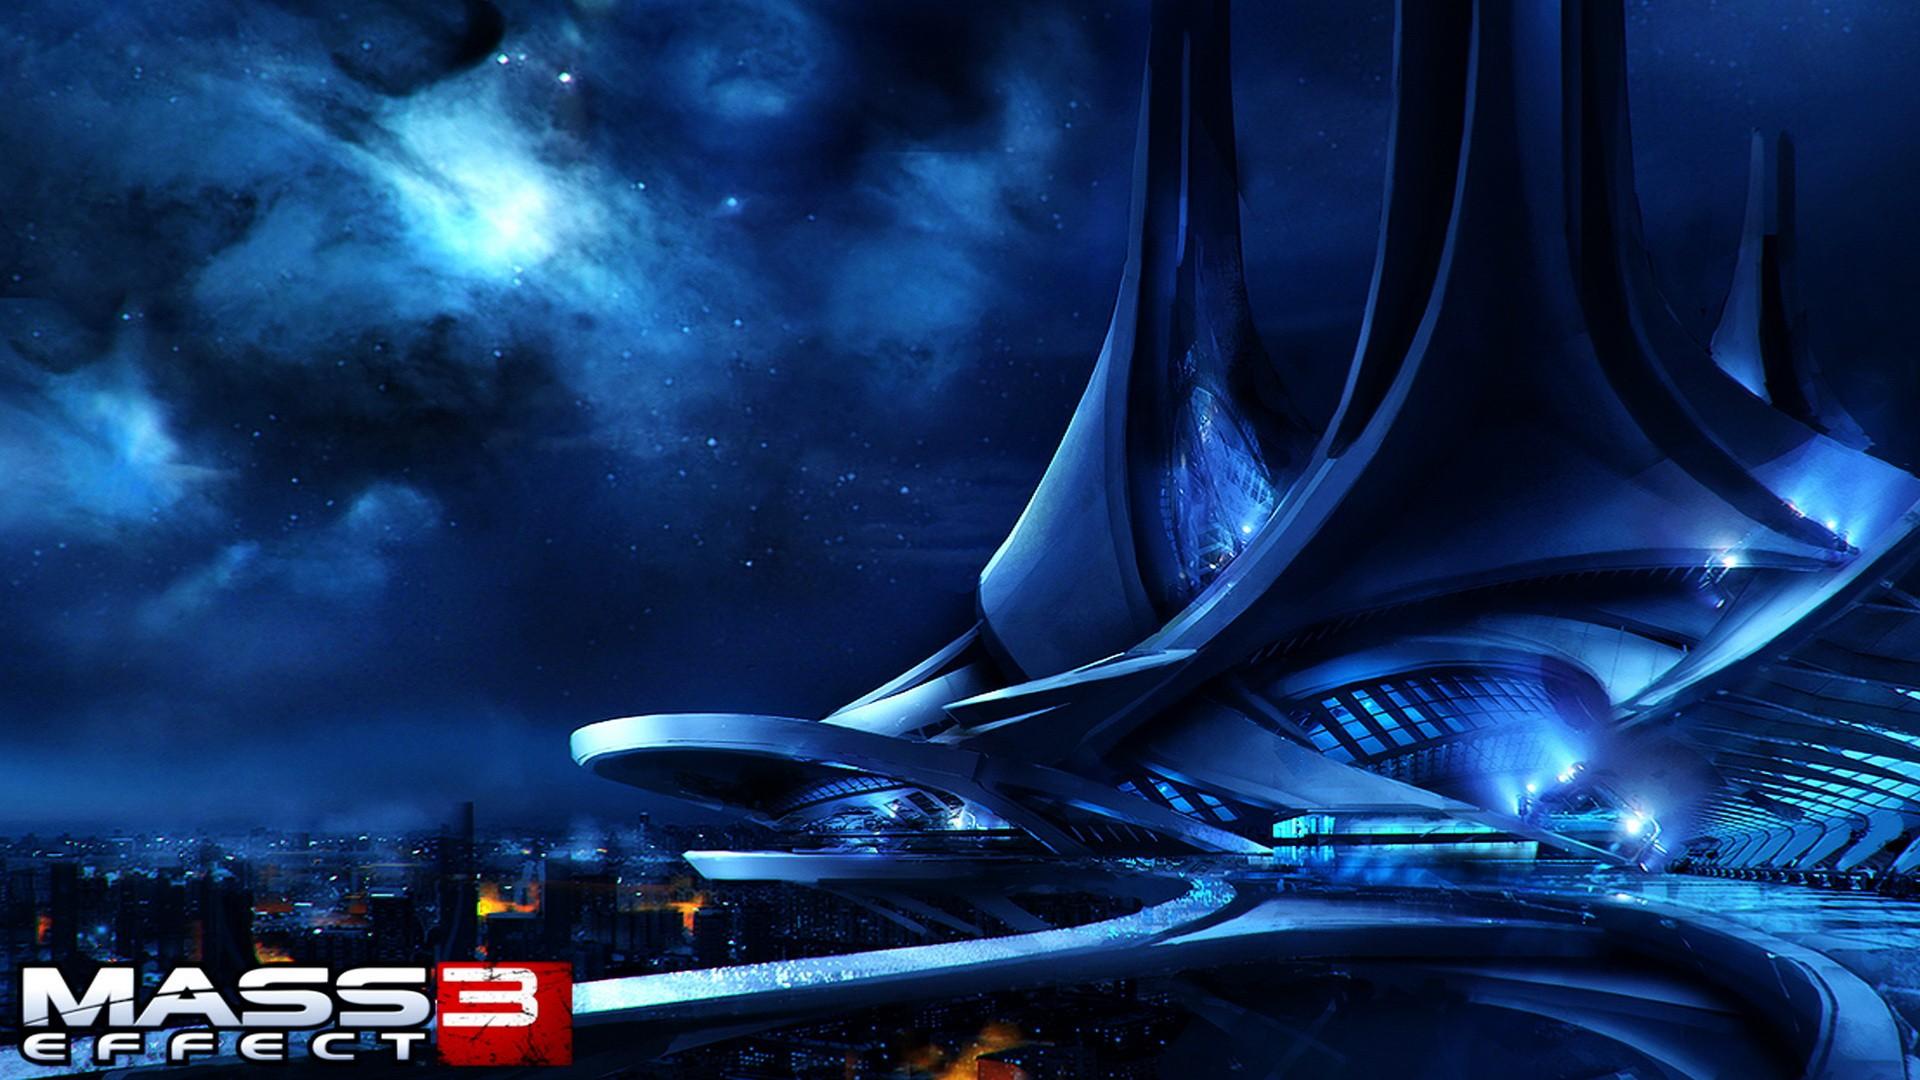 Mass Effect wallpaper photo hd